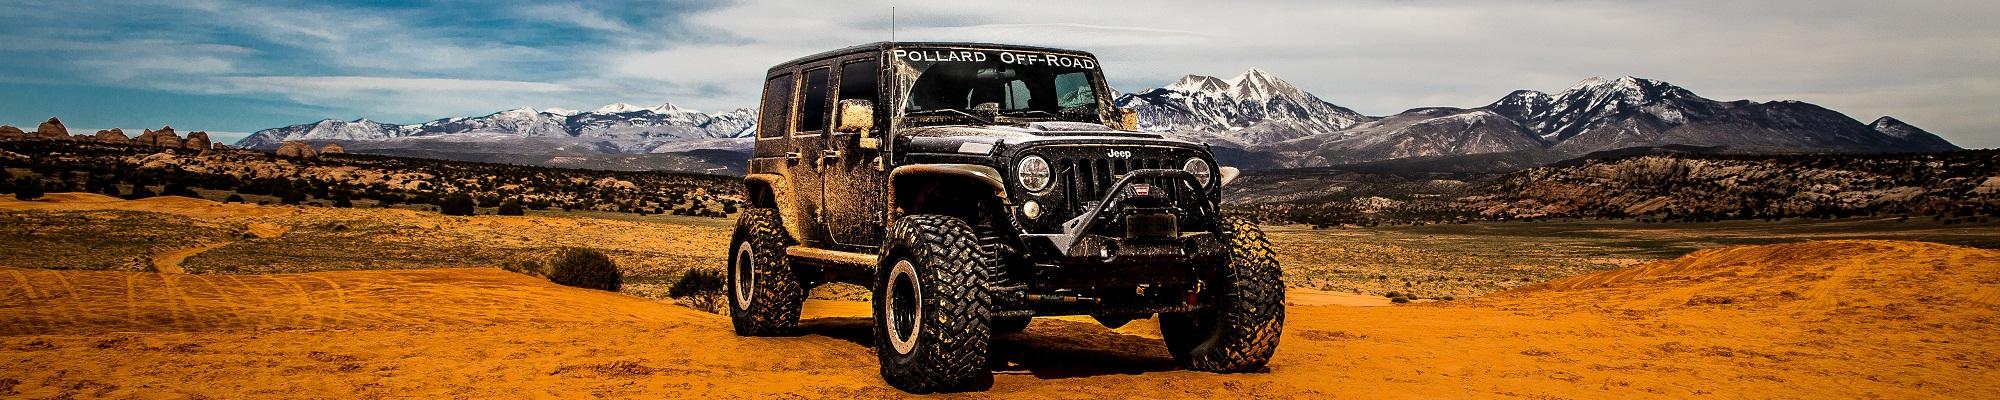 off-road jeep parts